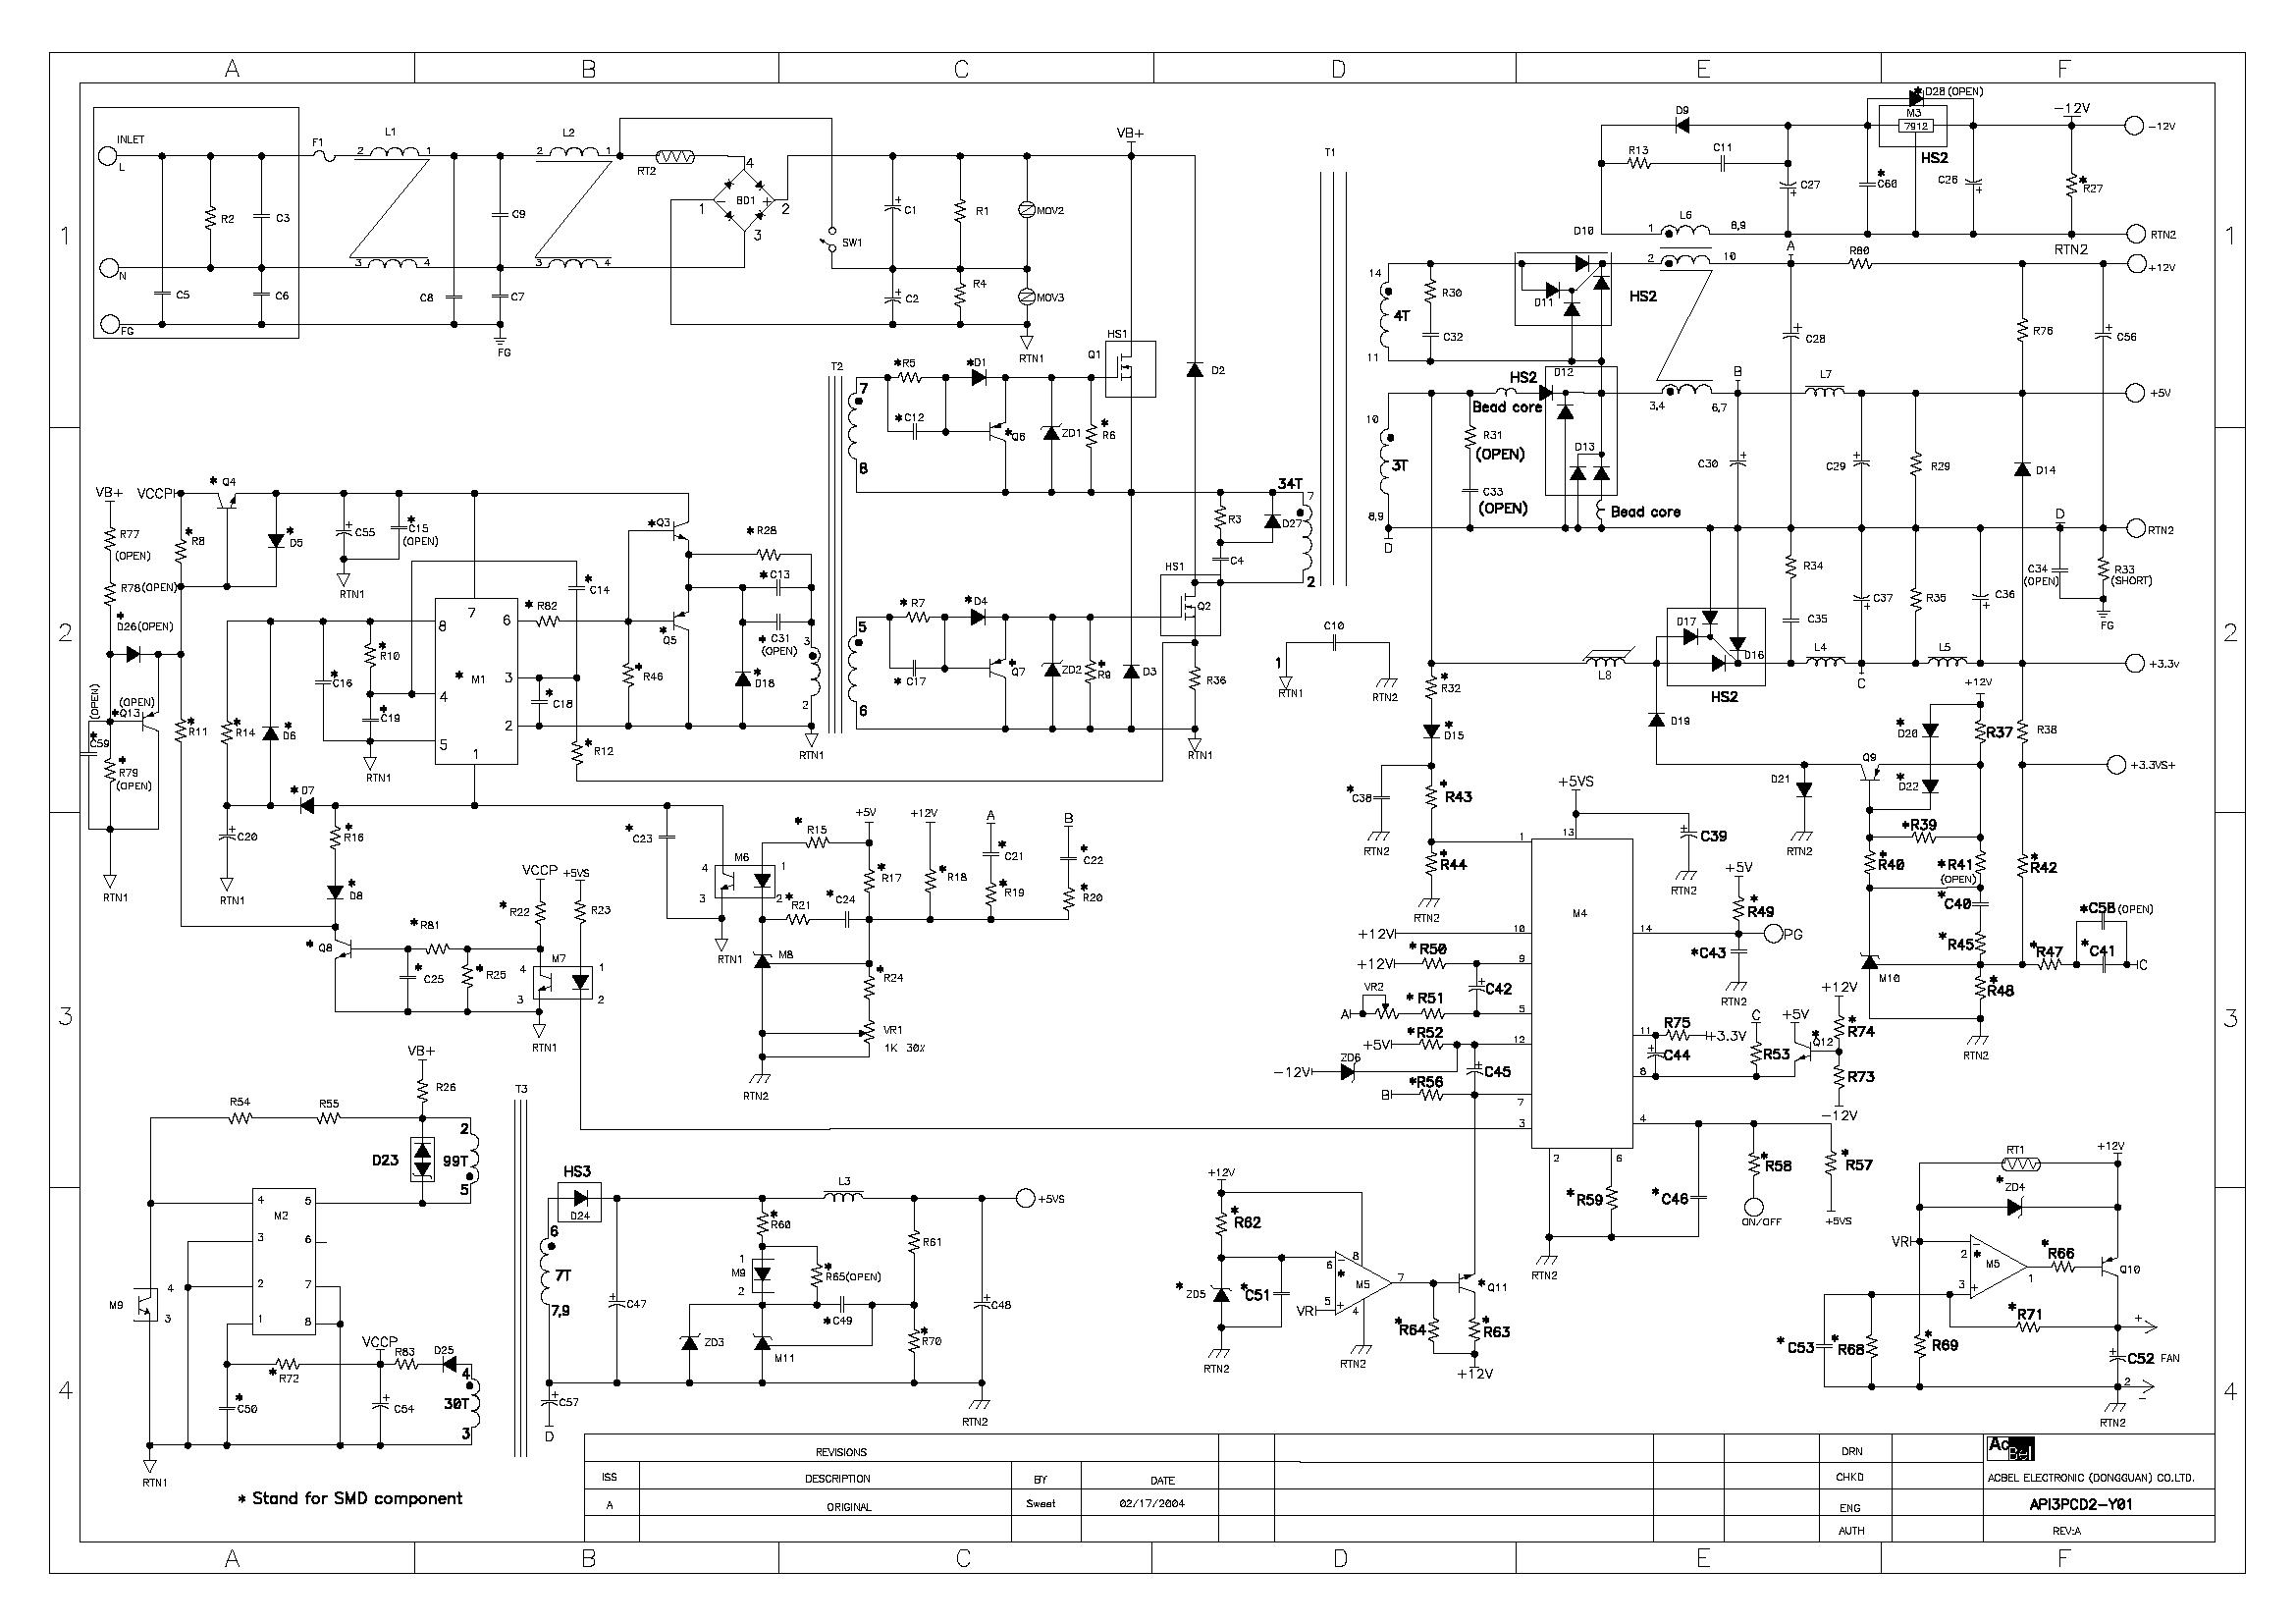 Принципиальная электрическая схема блока питания компьютера 450w